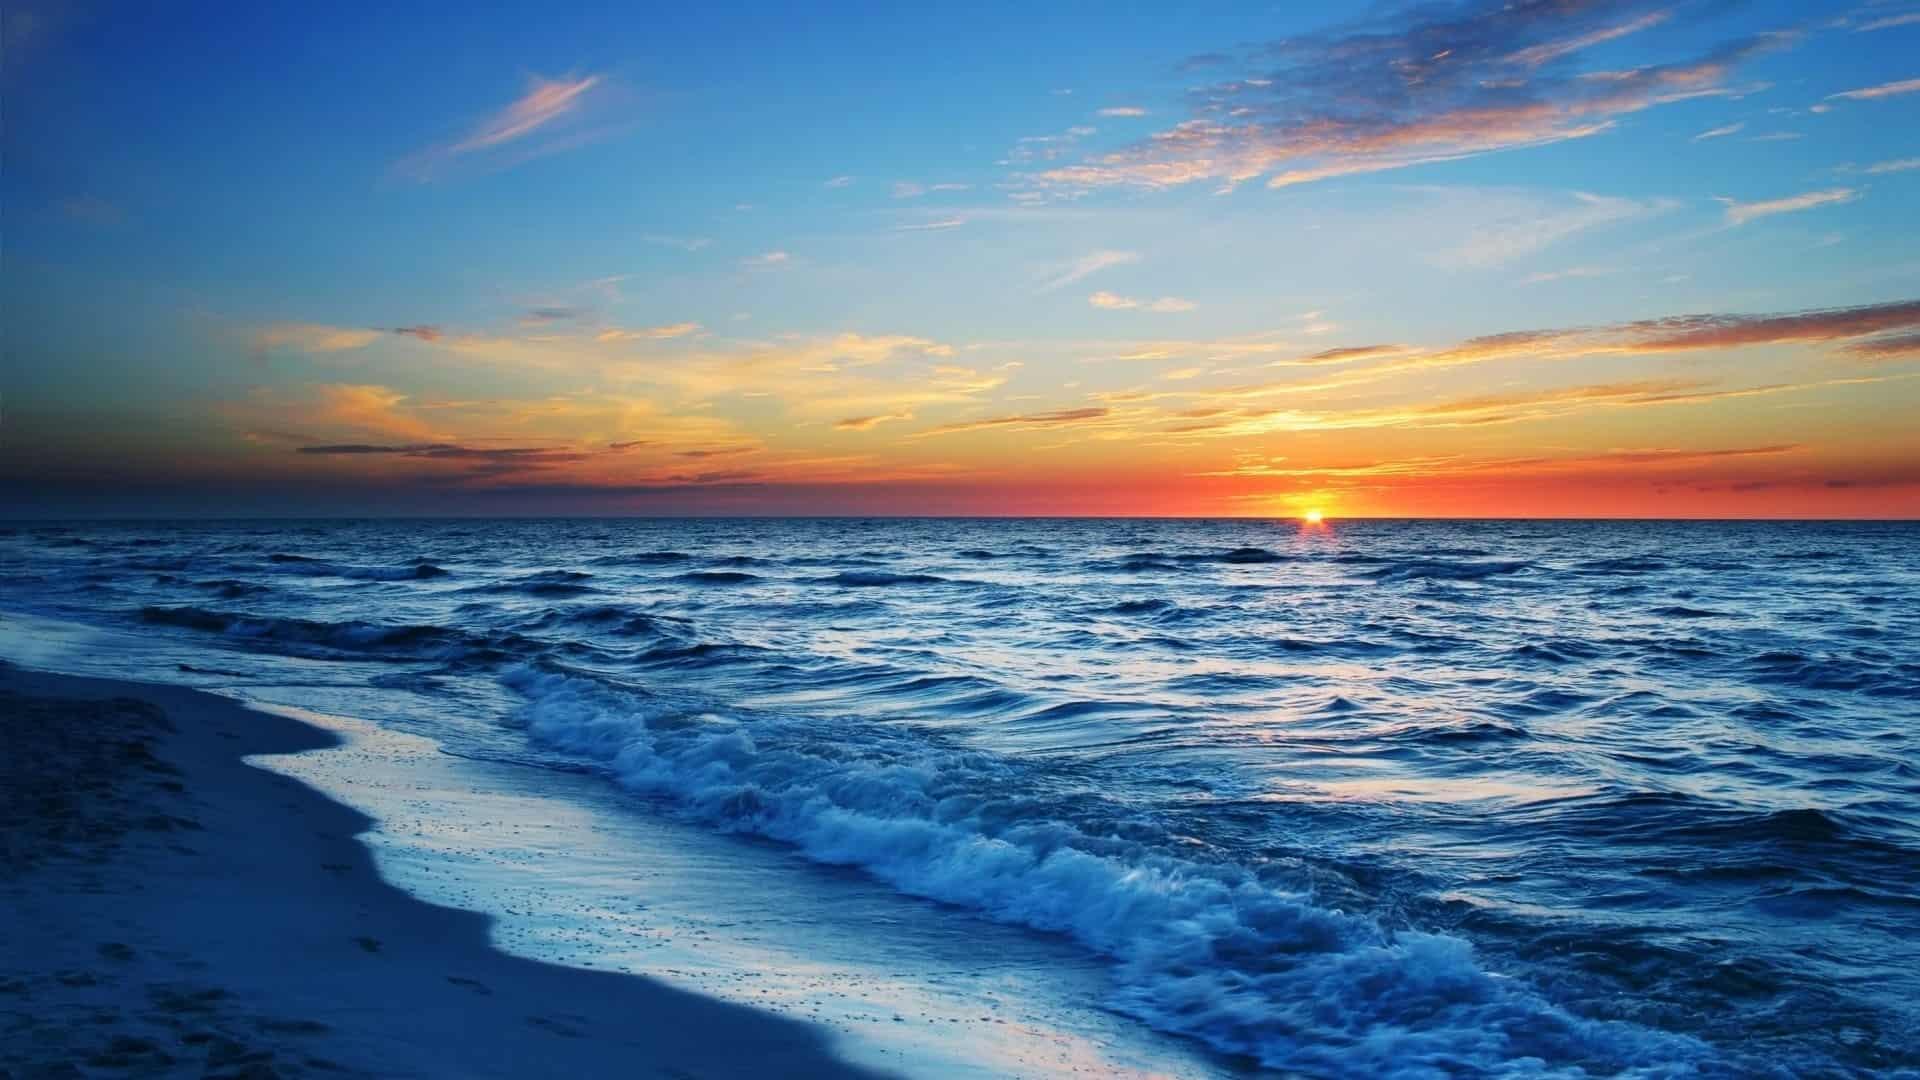 Ας κρατήσουμε καθαρές τις θάλασσες από τα πλαστικά σκουπίδια